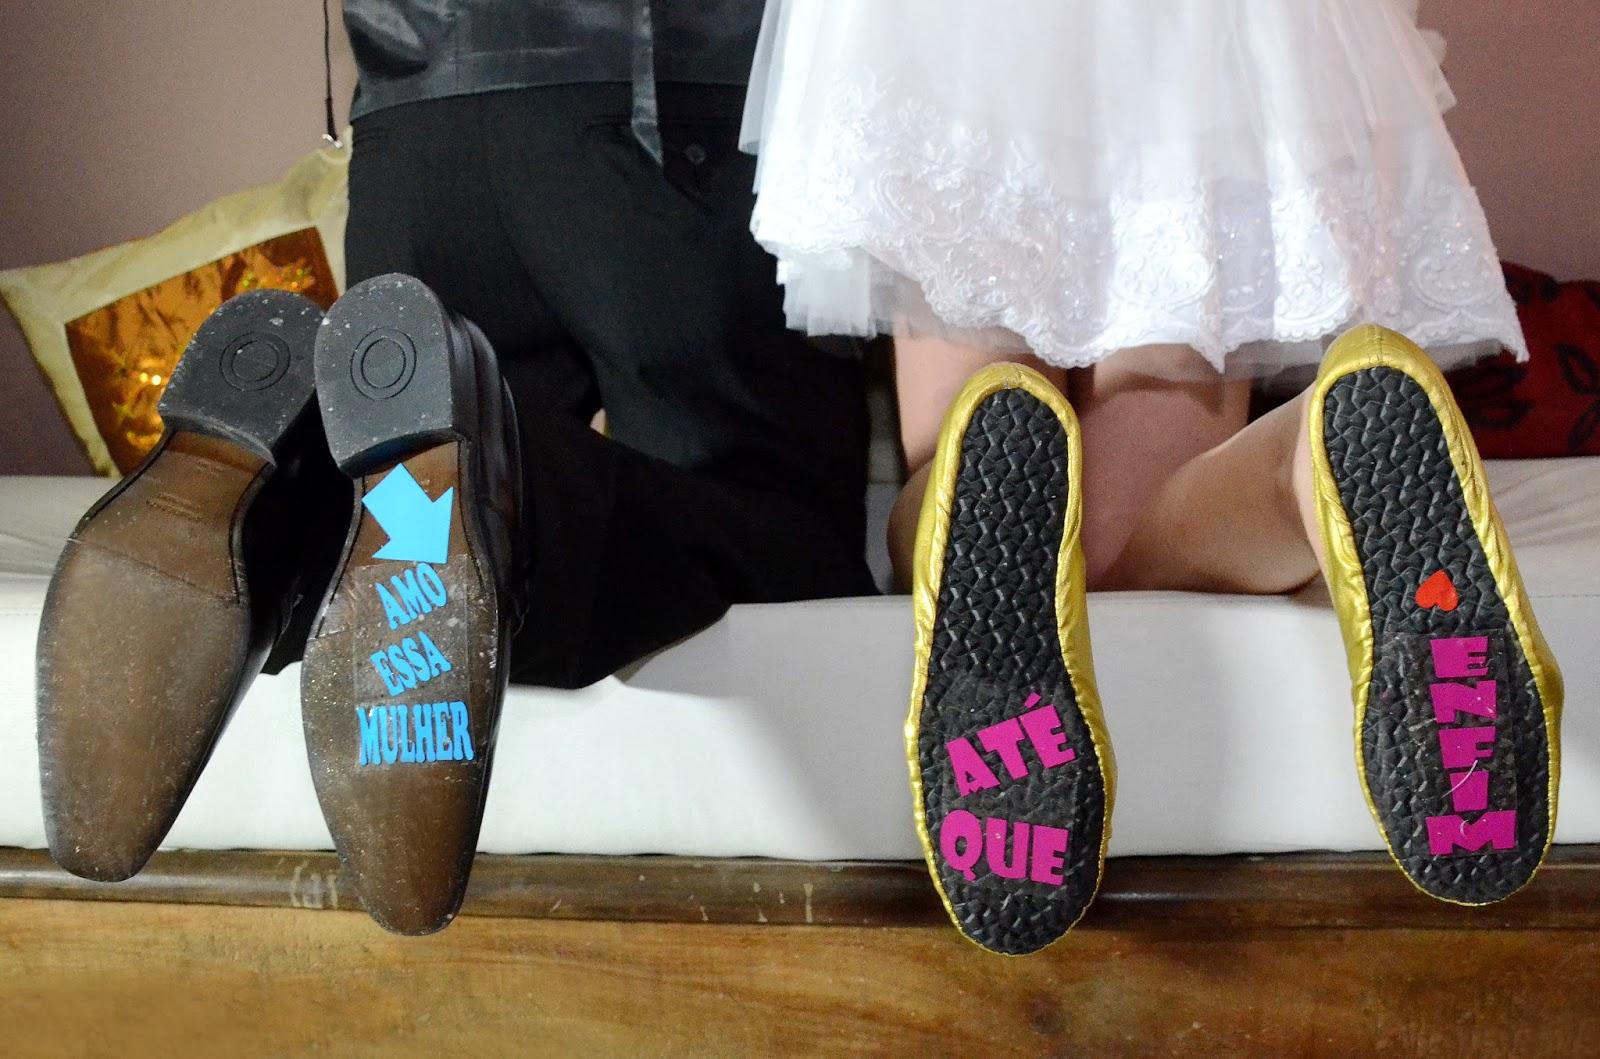 festa - recepção - sapato noivo - sapato noiva - frases no sapato